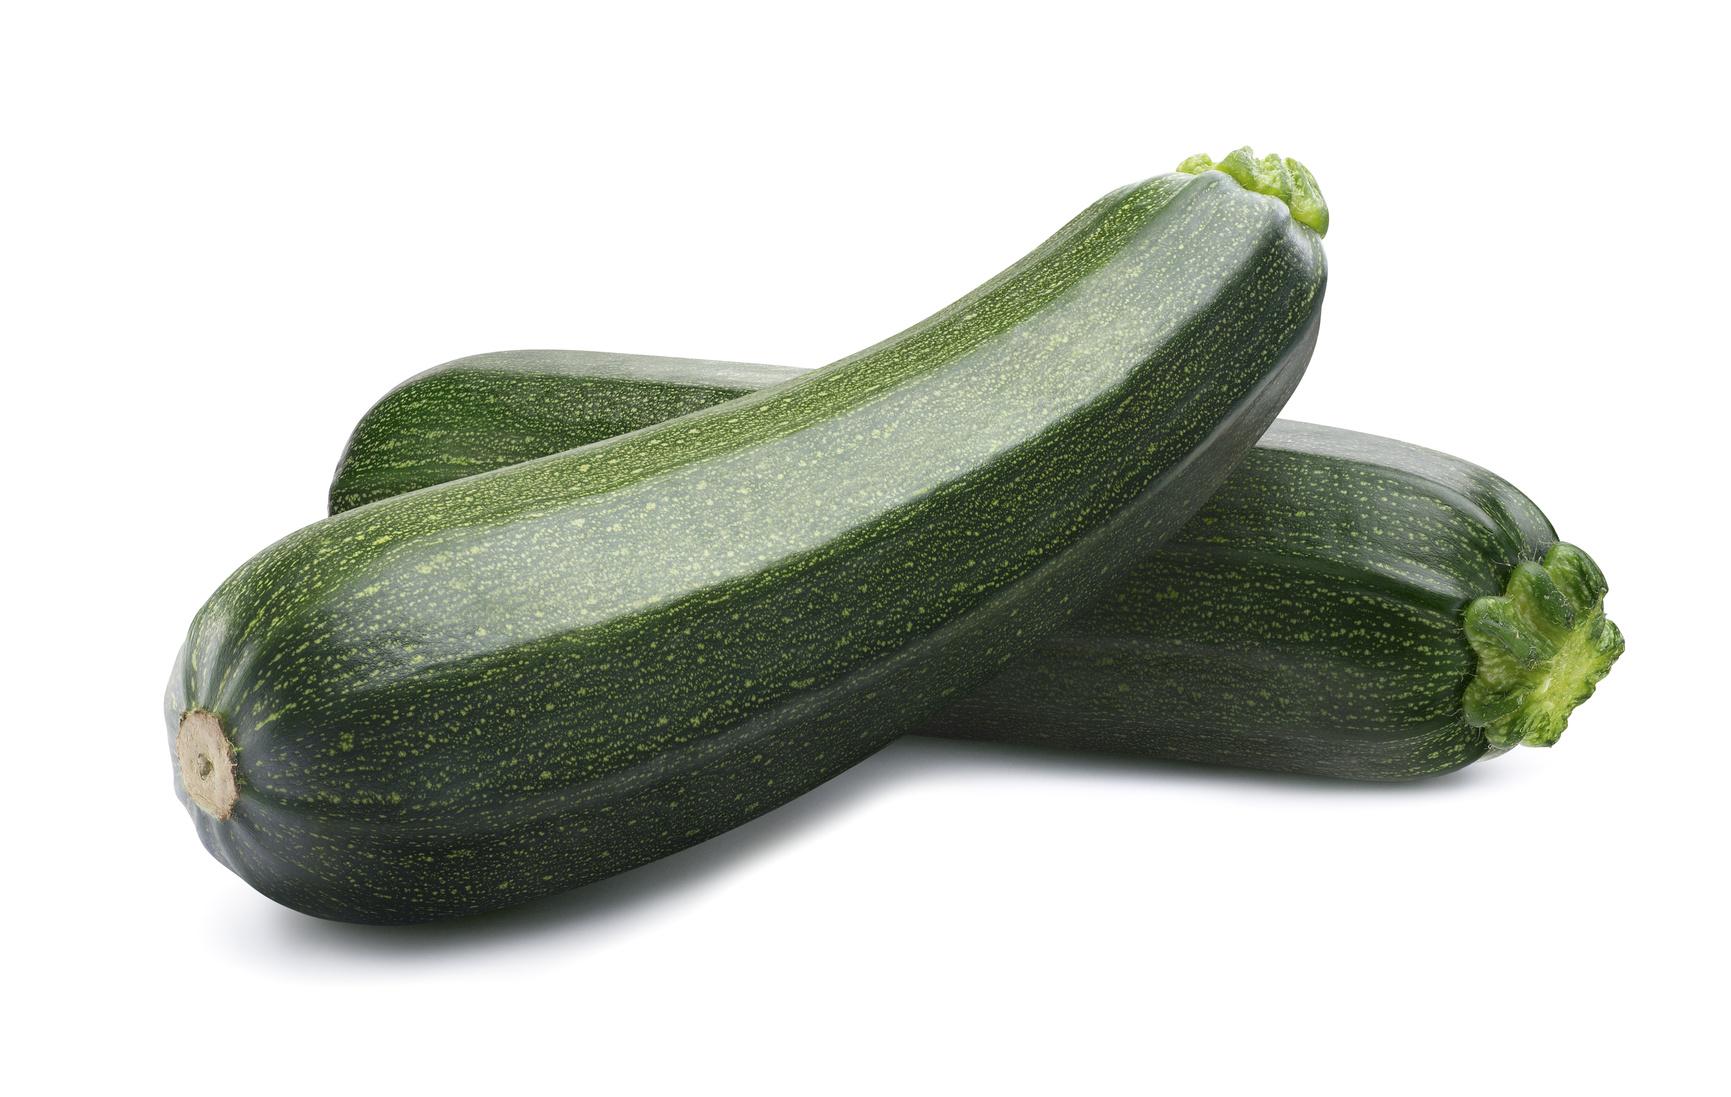 courgette légume nutrition recette santé